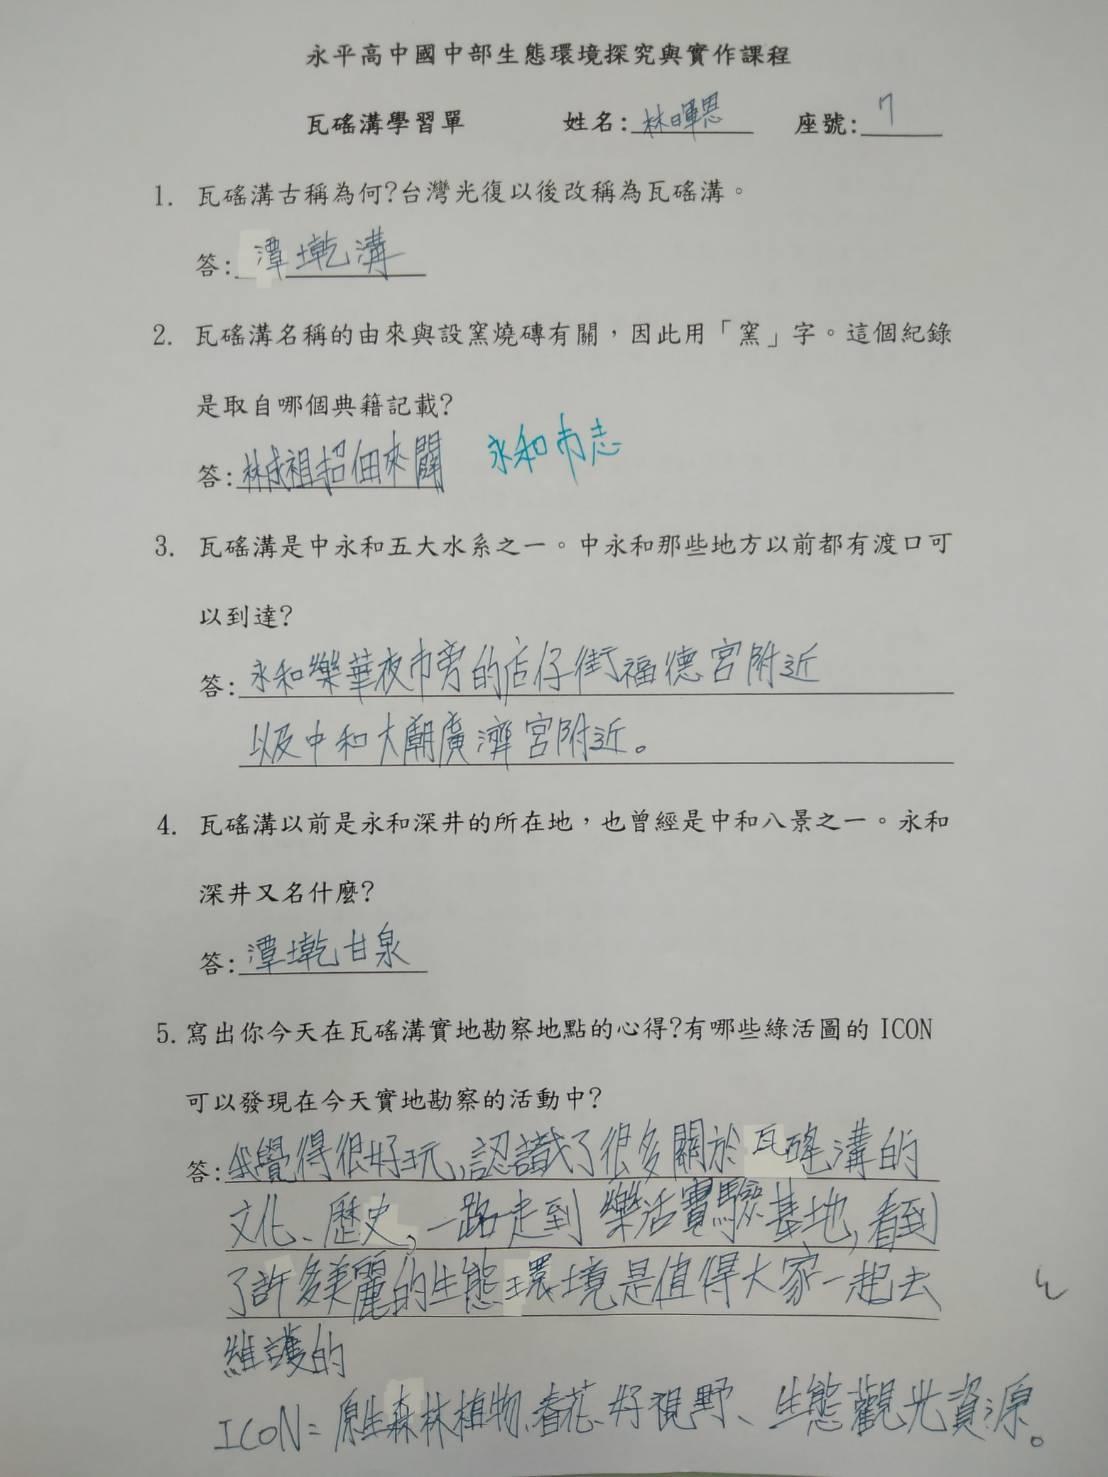 瓦磘溝學生學習單 (4)